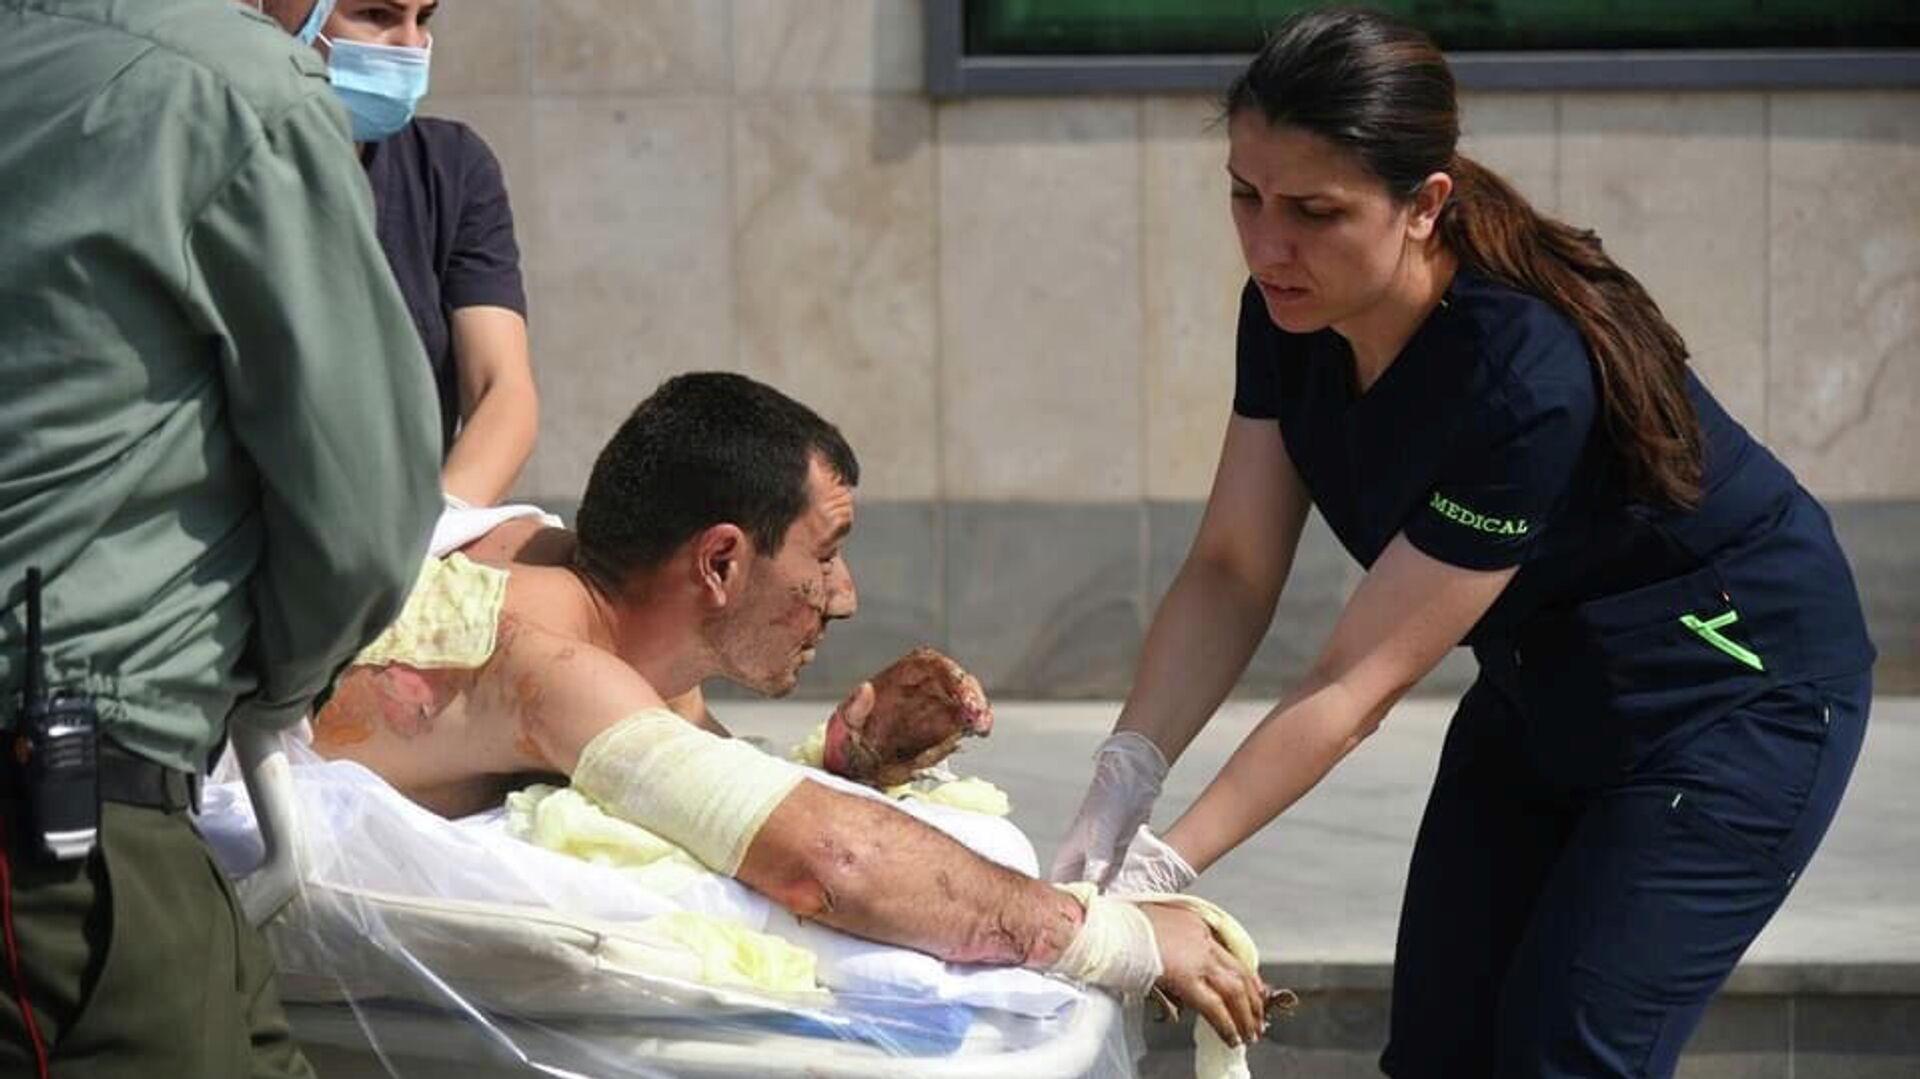 Оказание медицинской помощи мужчине, пострадавшему во время столкновений в Нагорном Карабахе - РИА Новости, 1920, 28.09.2020